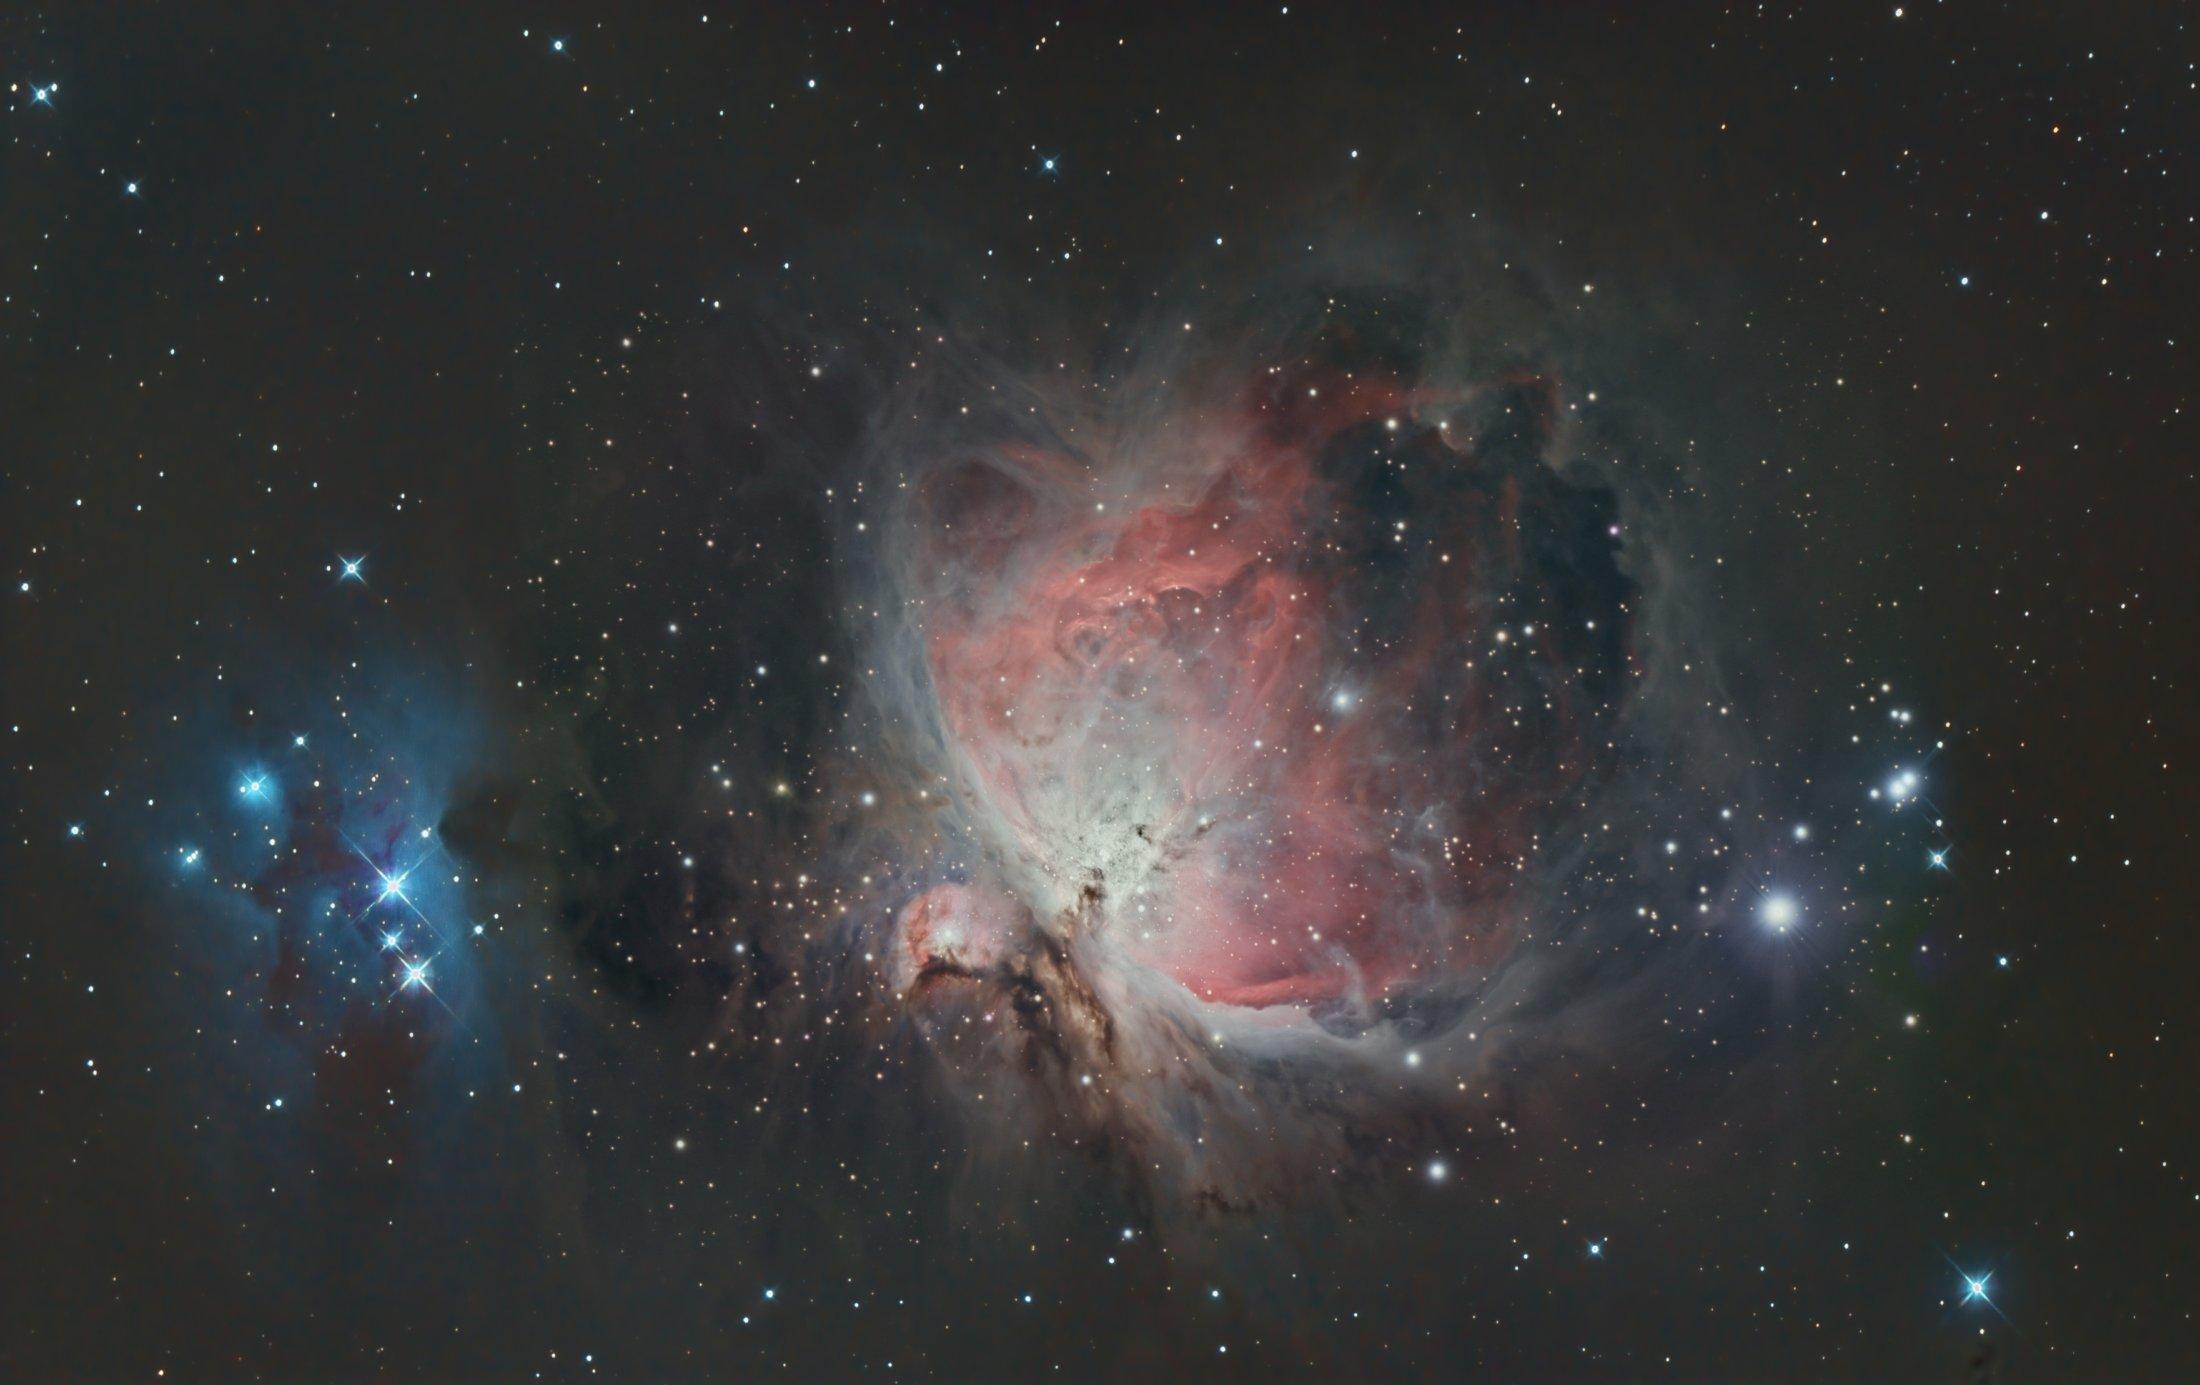 M42 - M43 - Manel Polanco